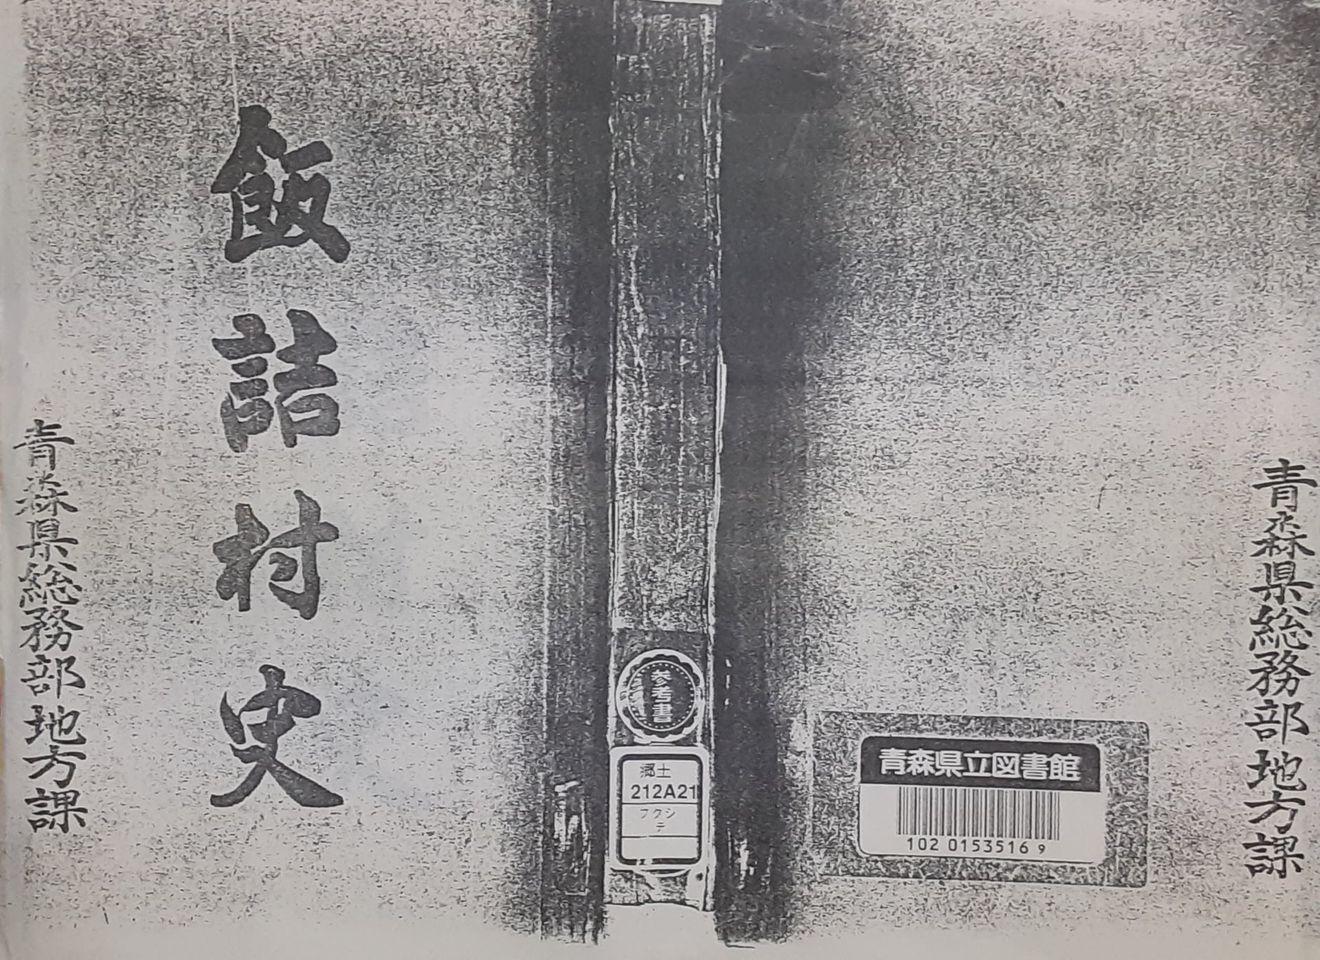 飯詰村史(昭和24年編集)